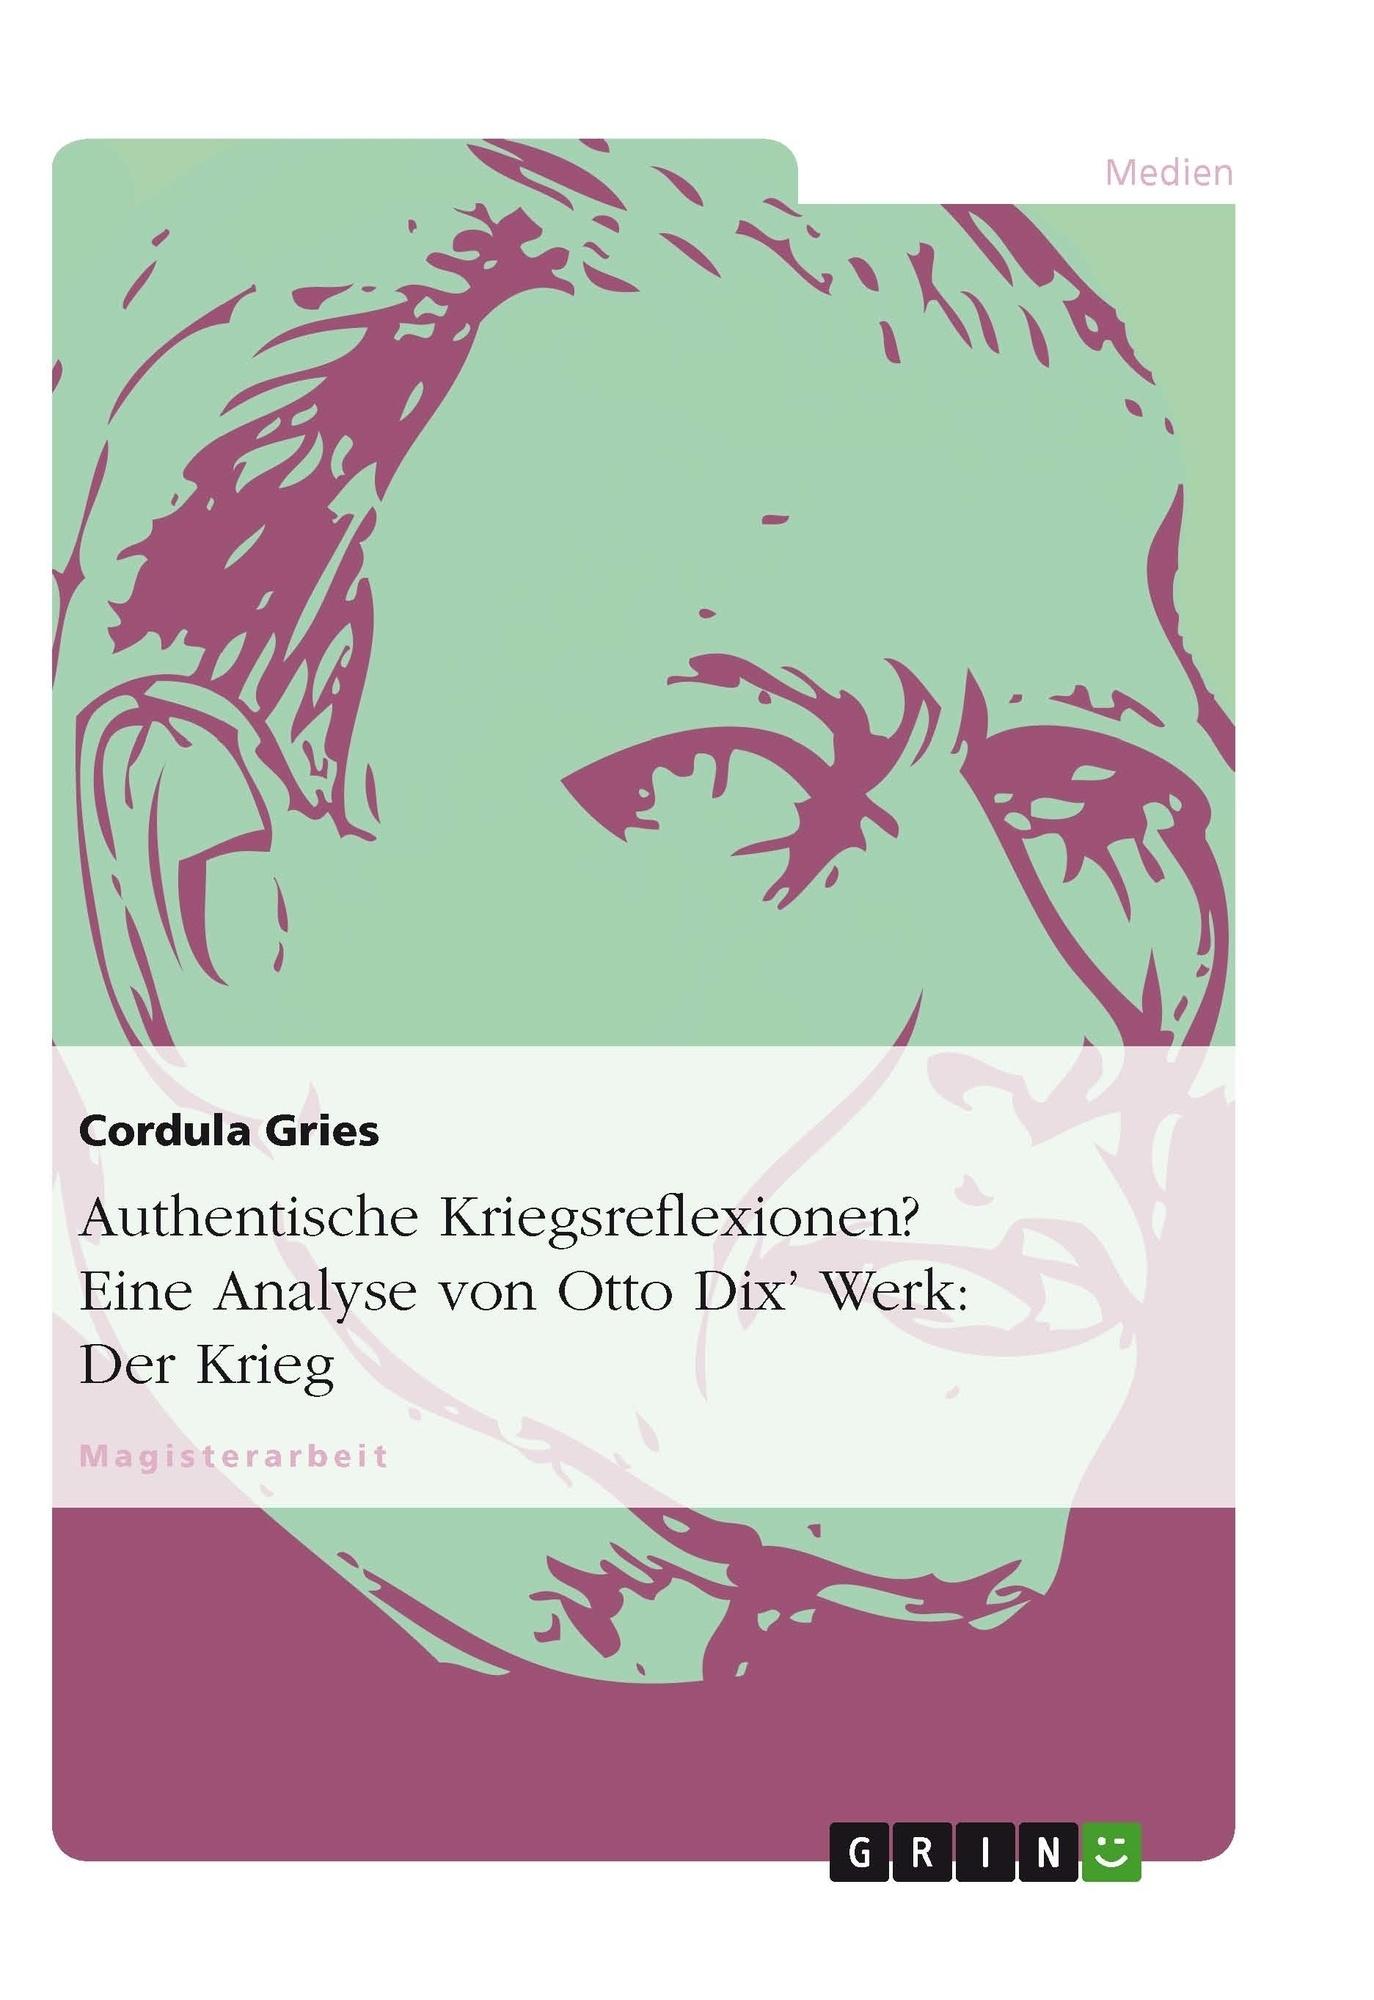 Titel: Authentische Kriegsreflexionen? Eine Analyse von Otto Dix' Werk: Der Krieg